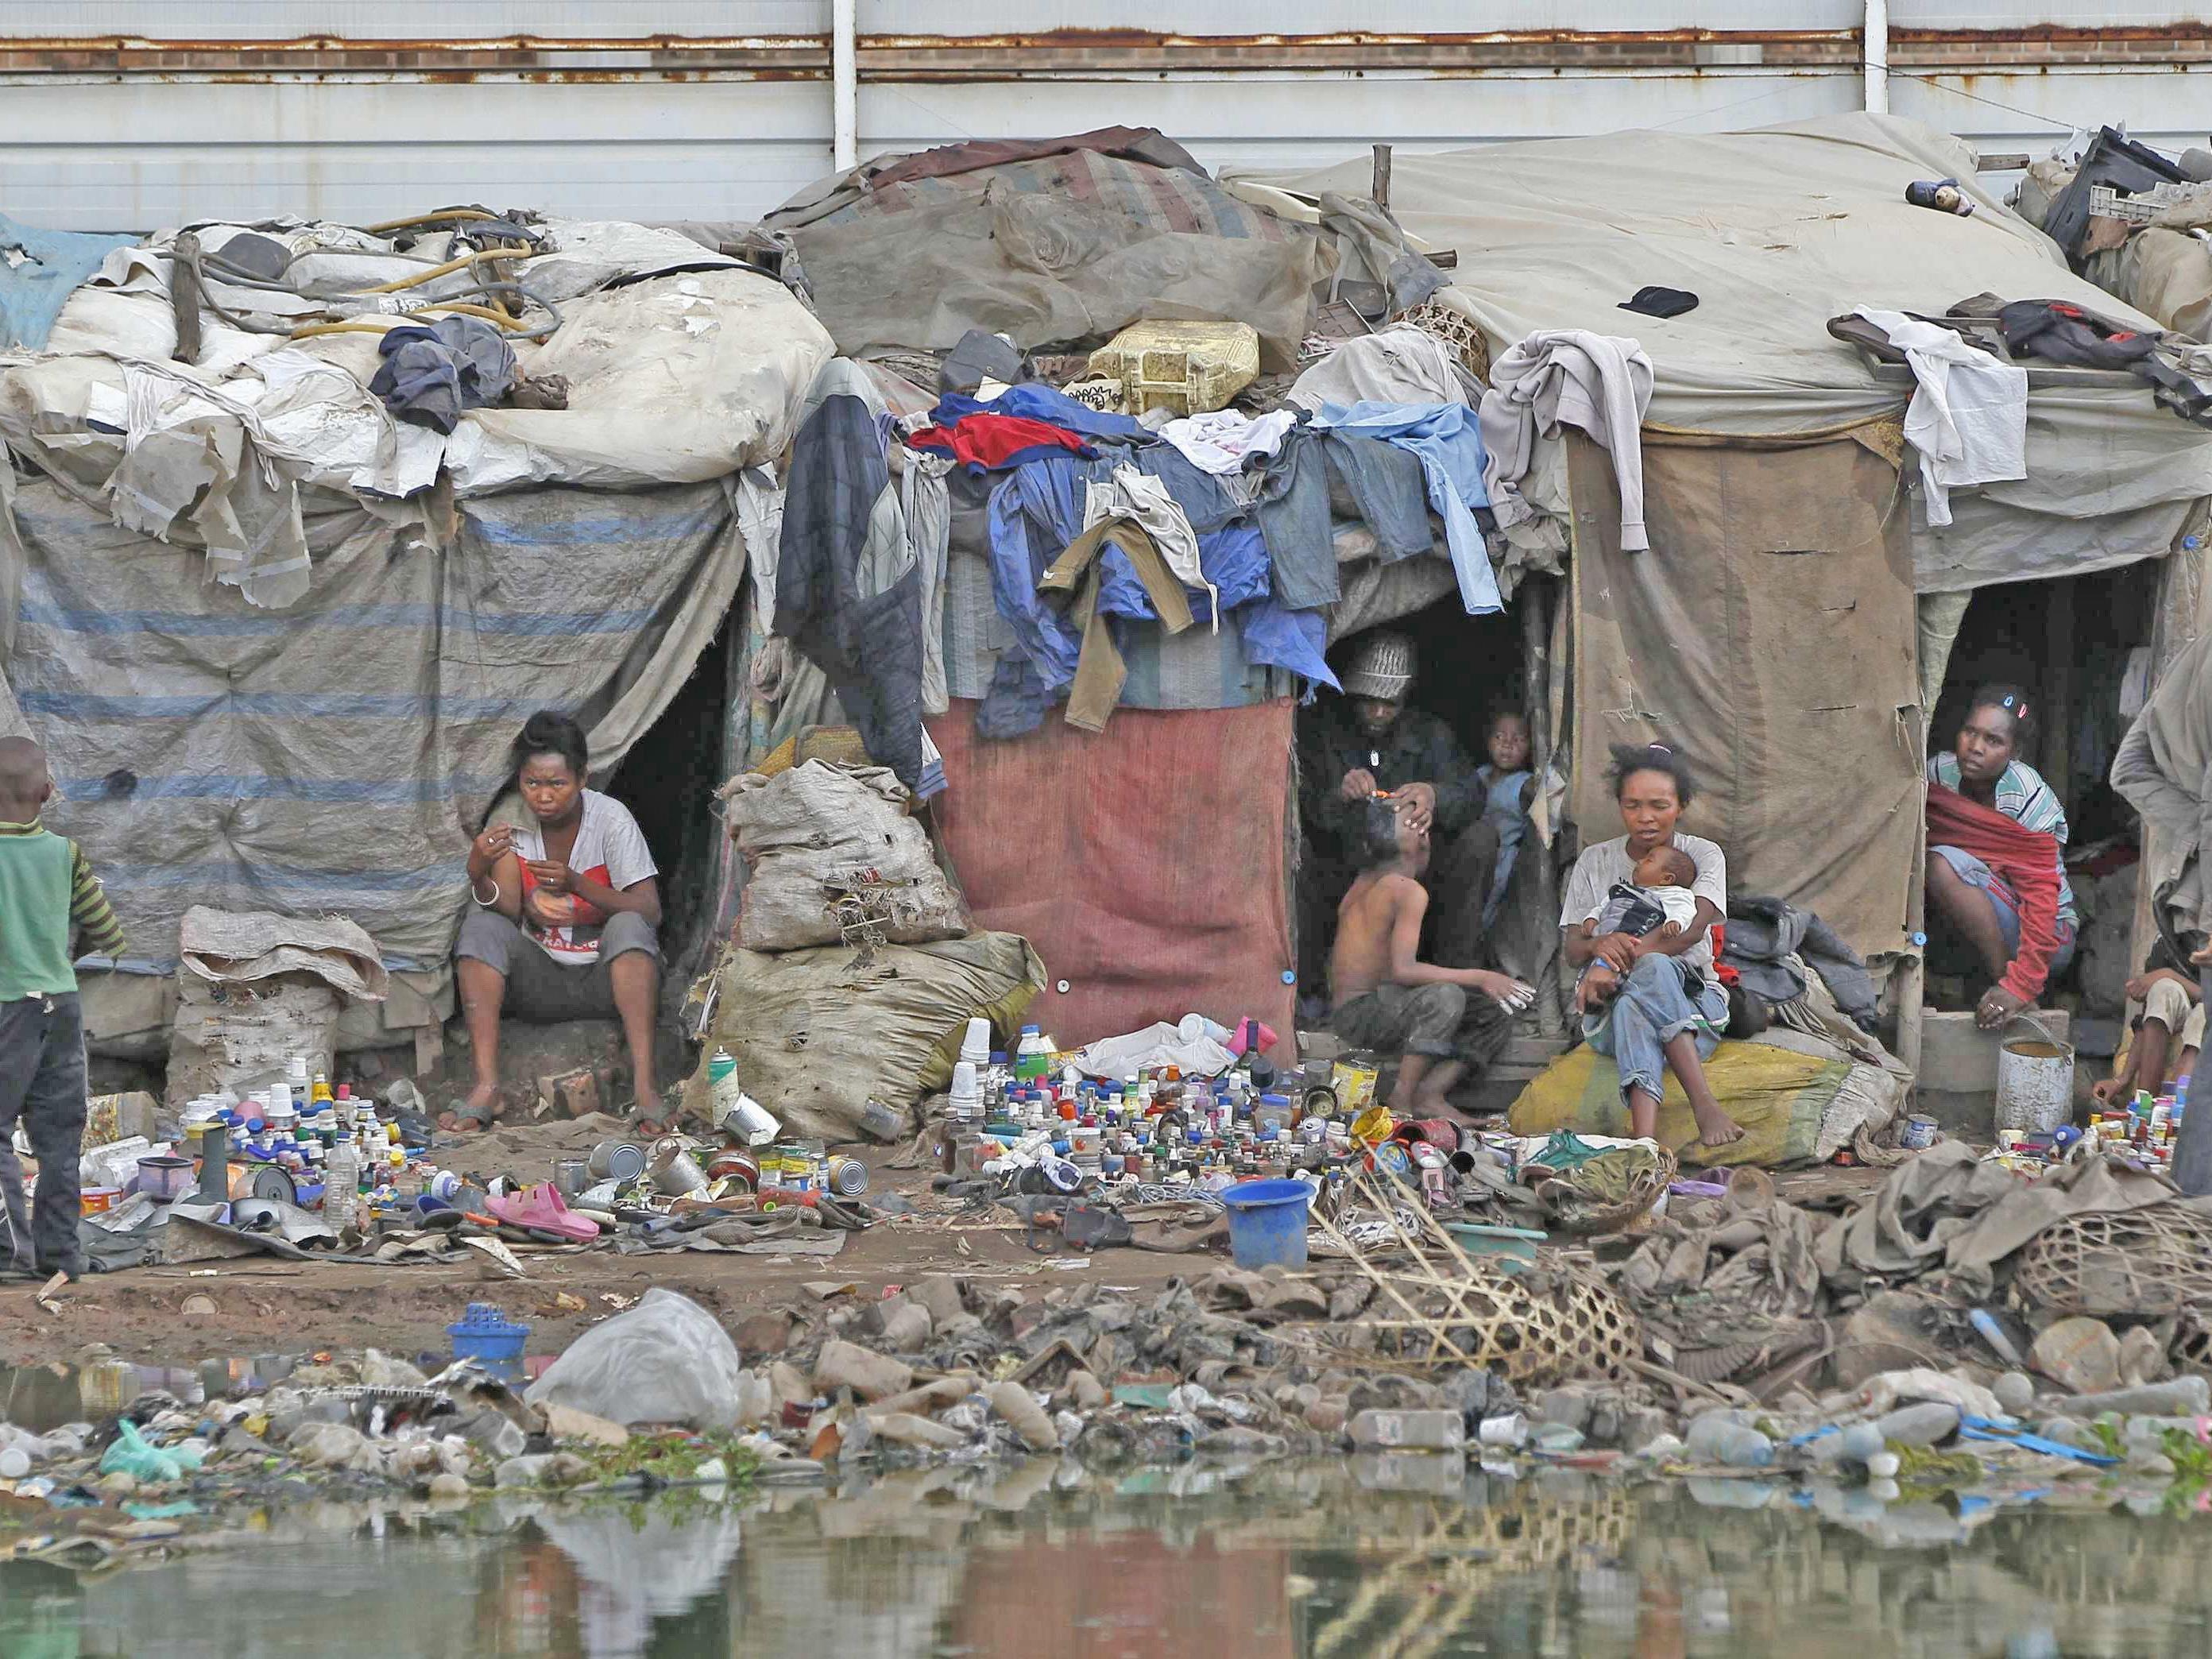 Der afrikanische Inselstaat ist das von der Pest am meisten bedrohte Land.